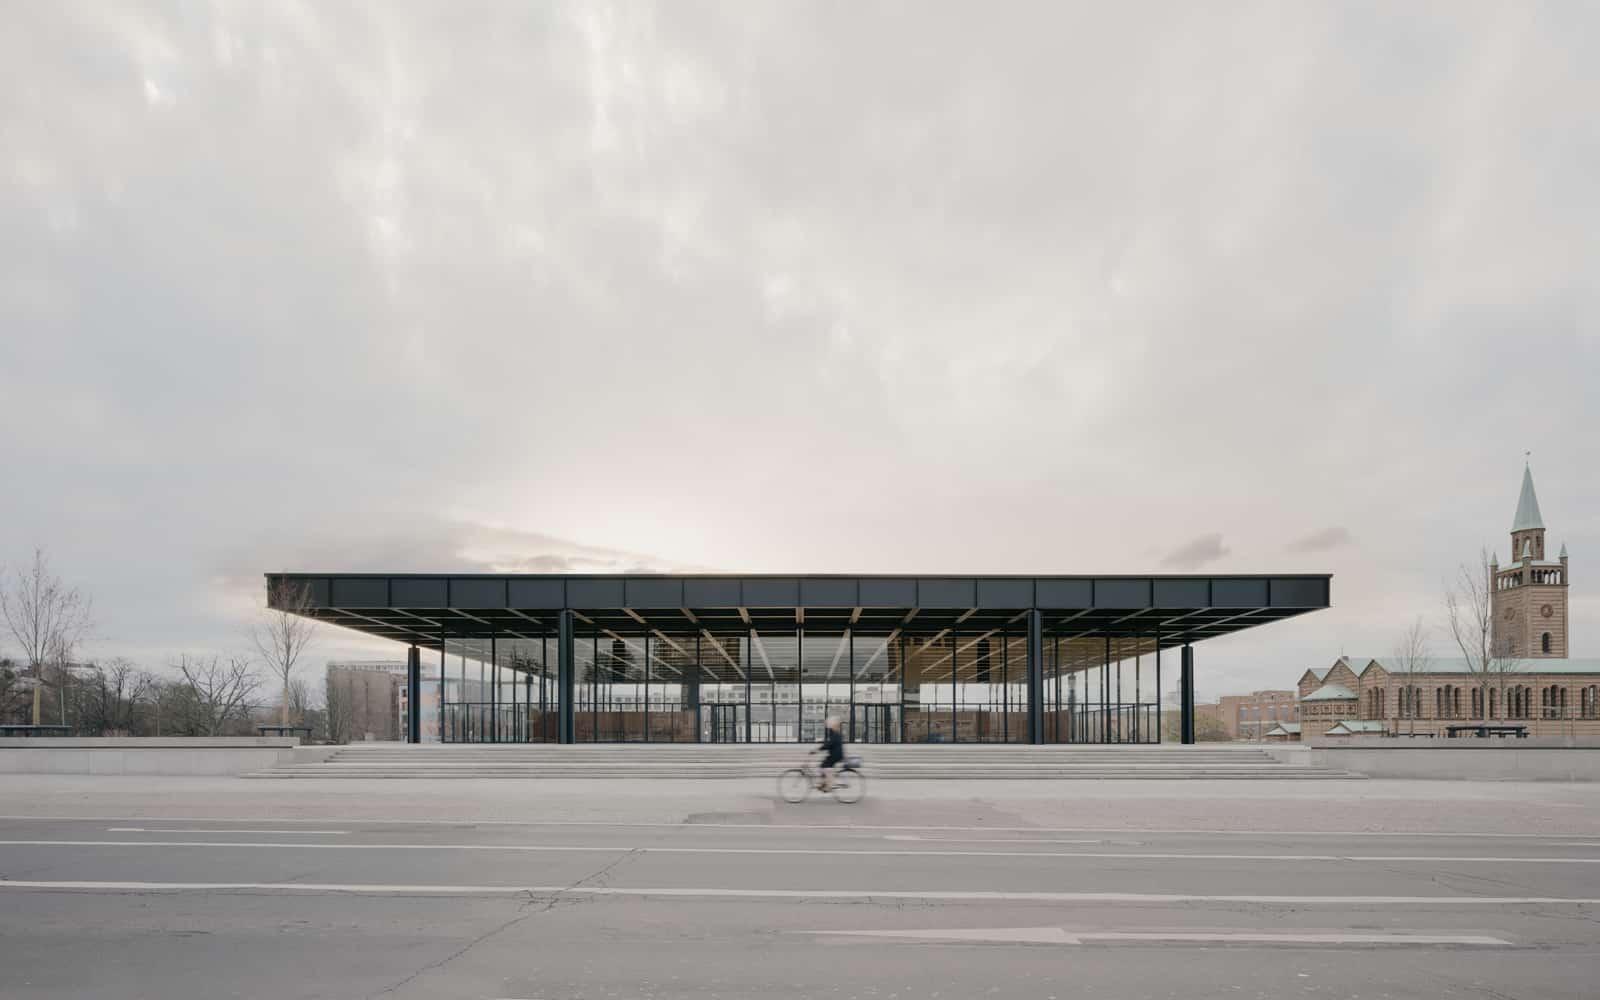 Neue Nationalgalerie Refurbishment  - 20210625 Chipperfield NeueNationalgalerieRefurbishment 01 31